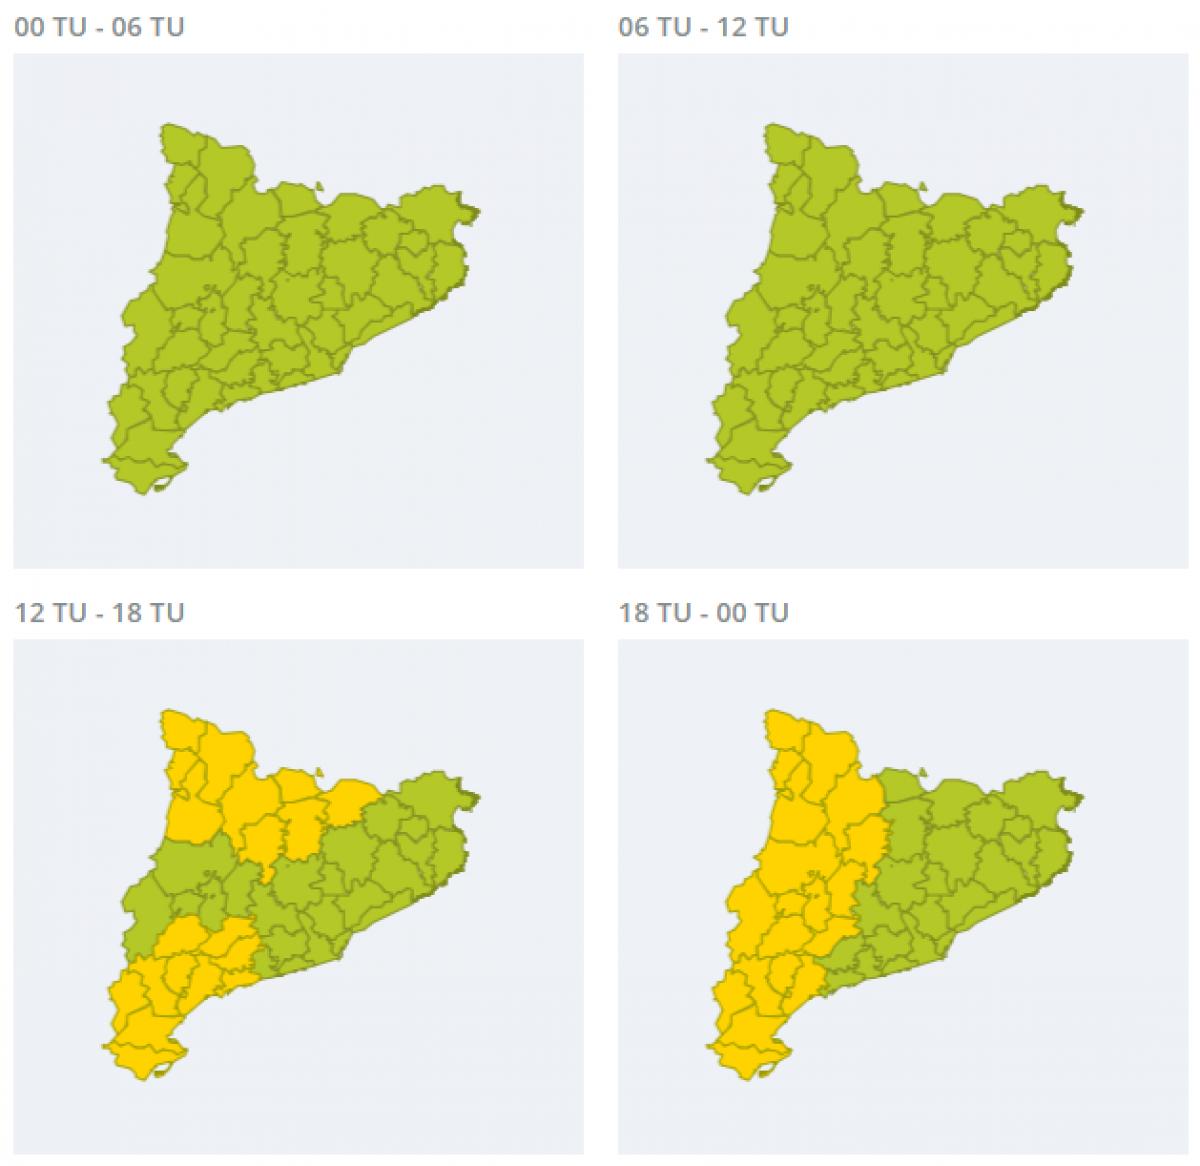 Mapa d'alertes per fortes tempestes aquest dilluns